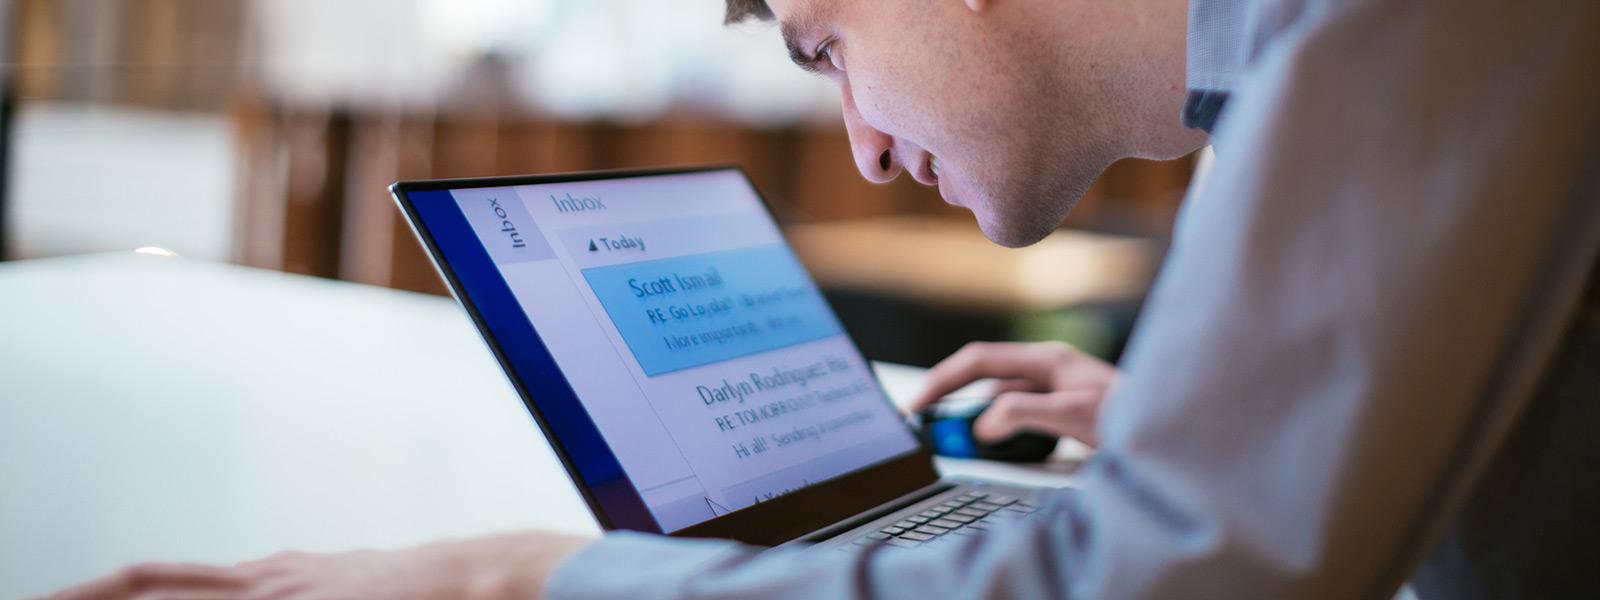 Een man die op zijn Windows 10-computer werkt met een goed leesbare grote tekst op het scherm